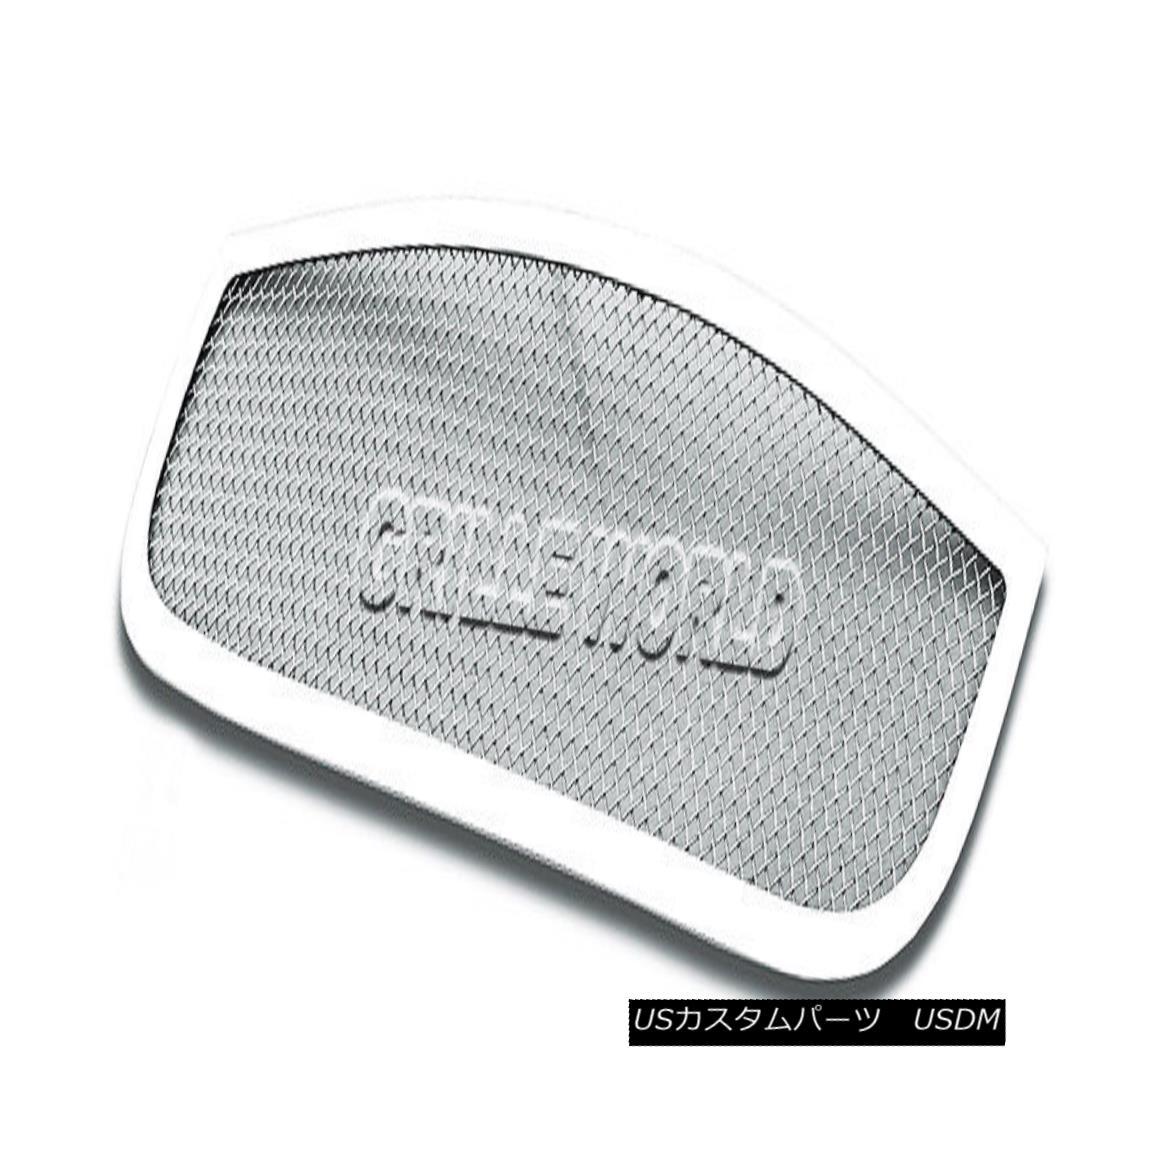 グリル For 2006-2011 Chevy HHR Stainless Steel Mesh Premium Grille Grill Insert 2006-2011シボレーHHRステンレスメッシュプレミアムグリルグリルインサート用